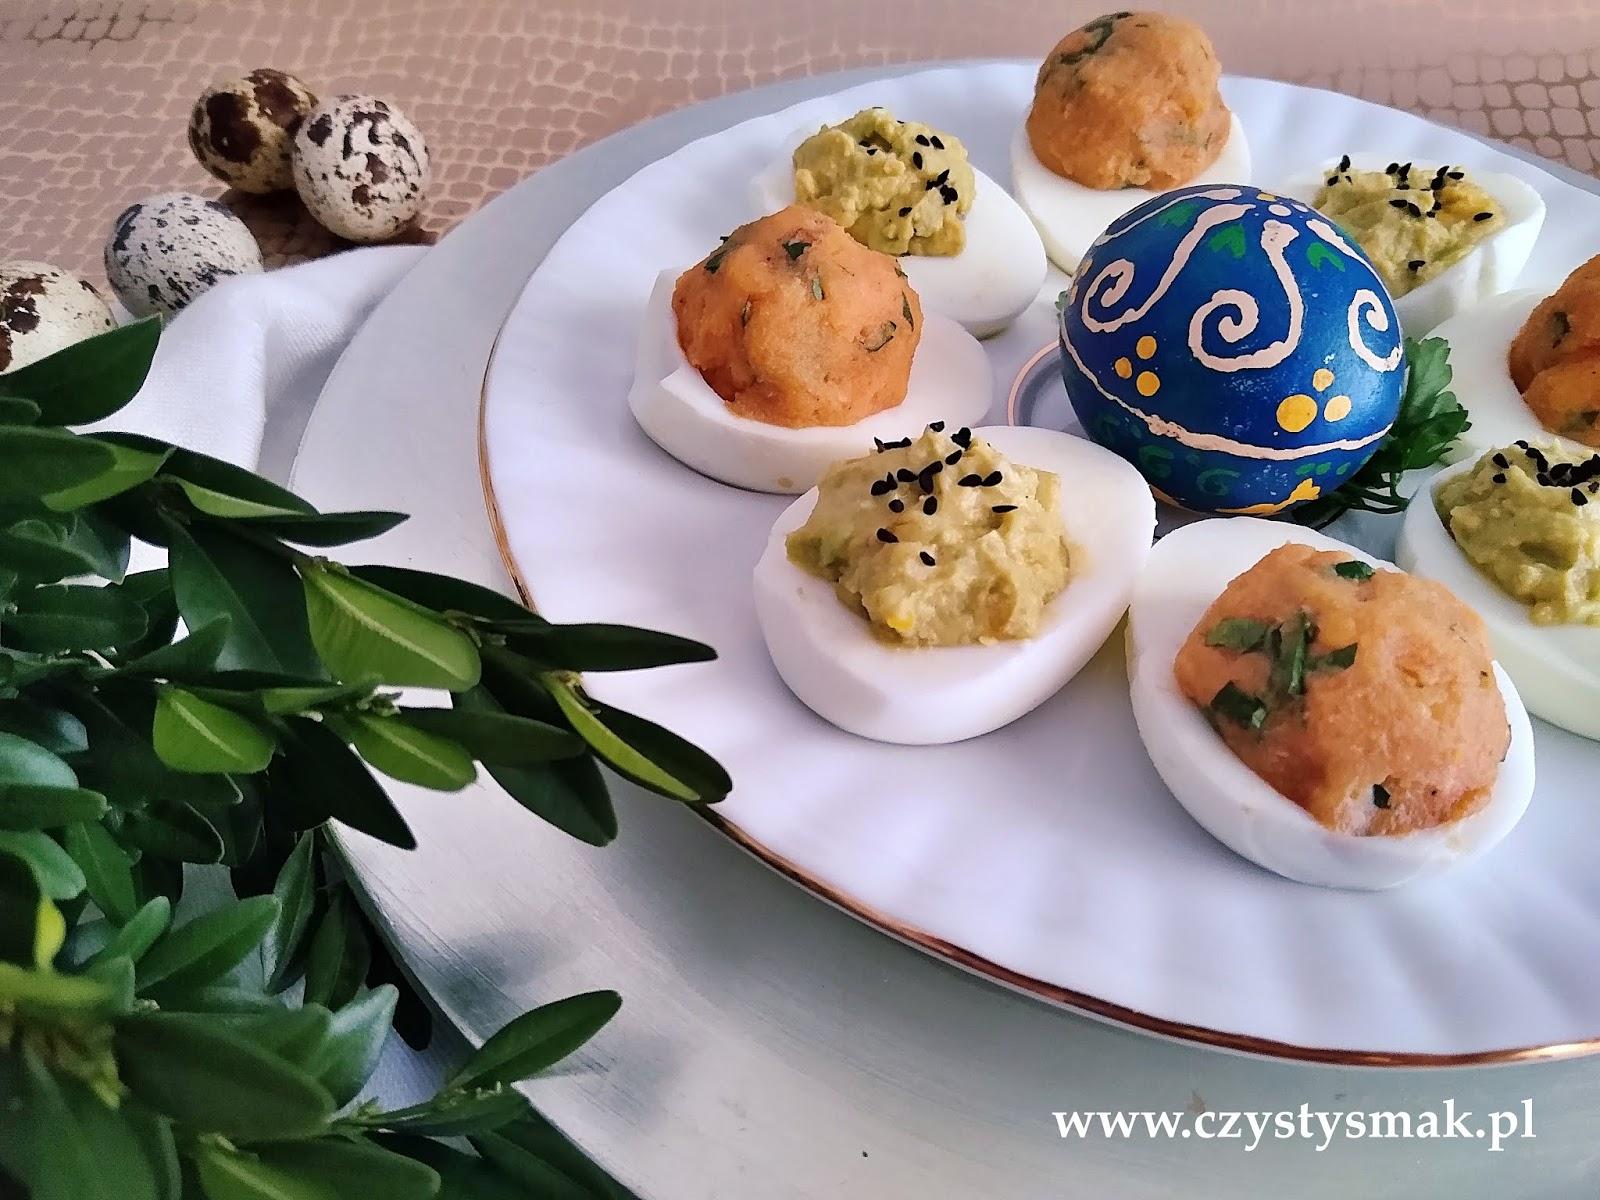 jajka faszerowane awokado i jajka faszerowane soczewicą